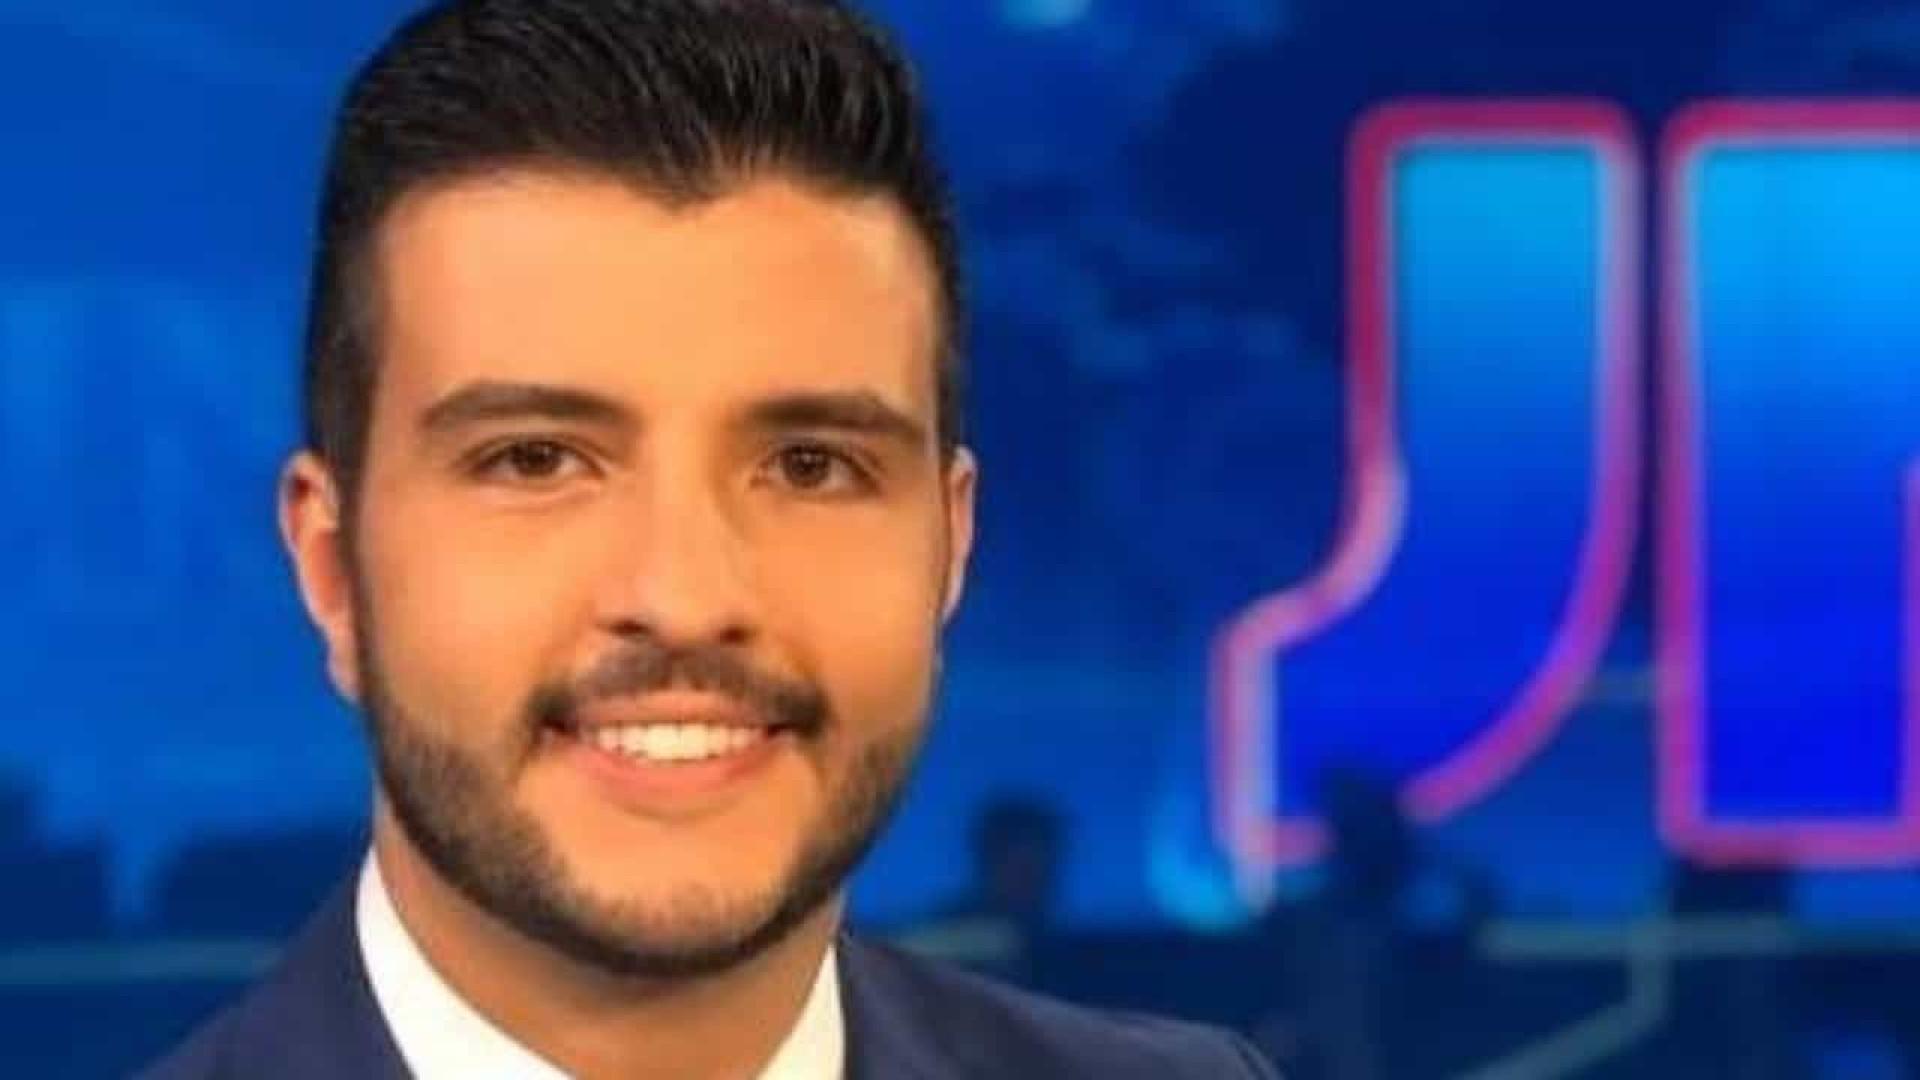 BandNews afasta funcionário por comentários homofóbicos contra global